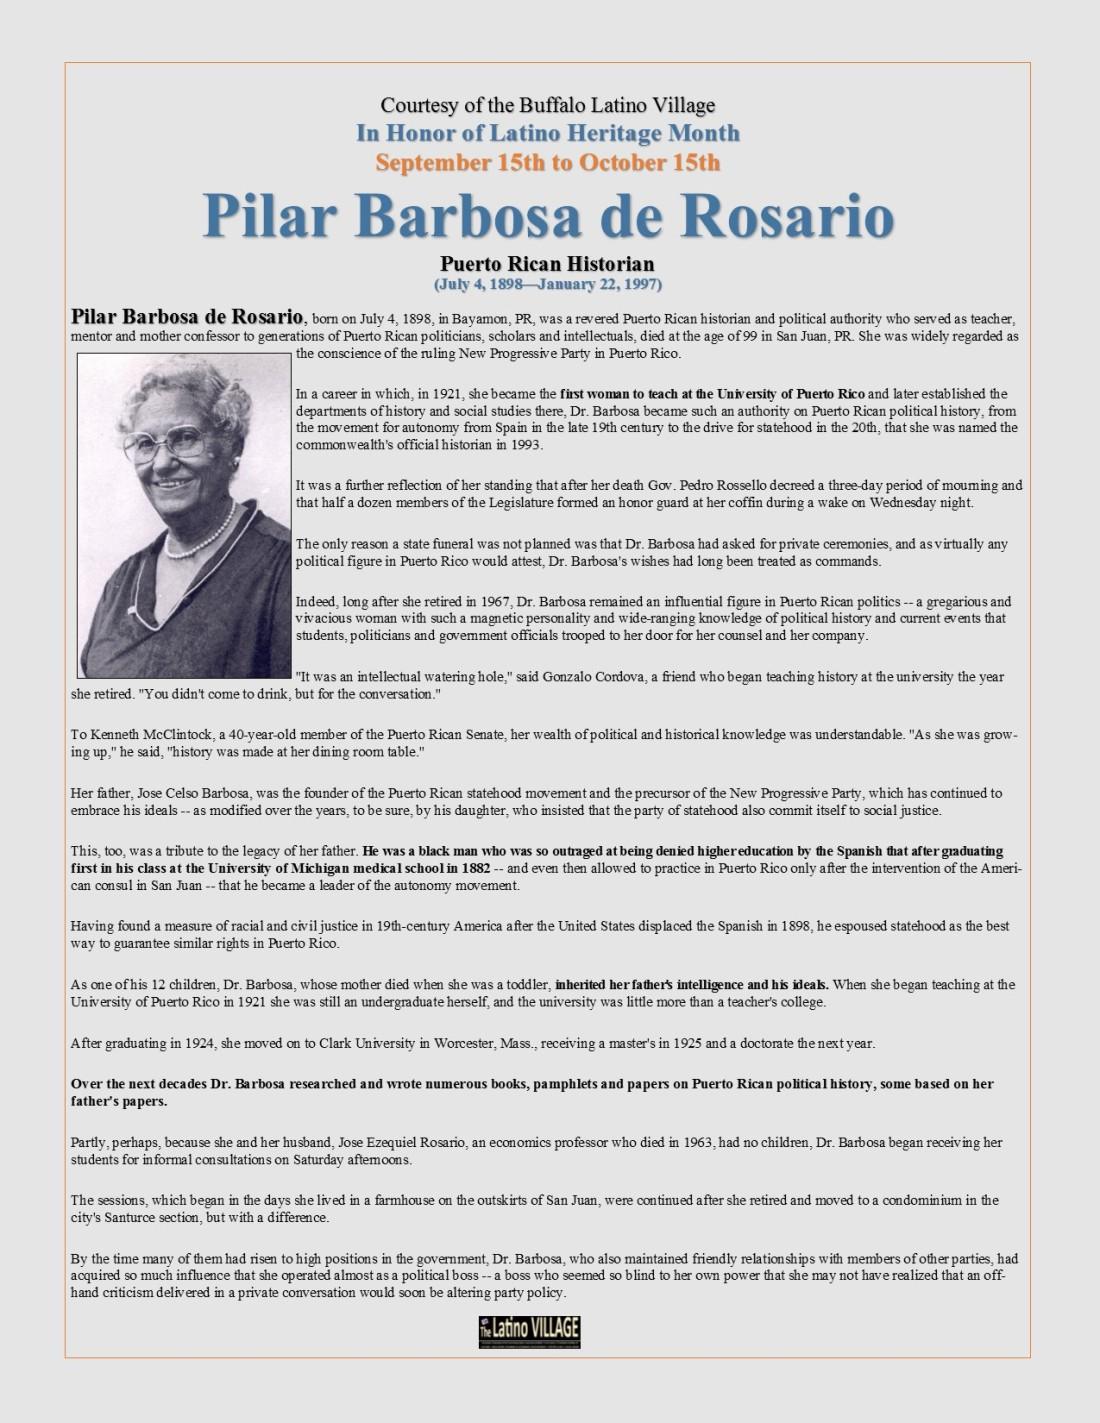 Pilar Barbosa de Rosario